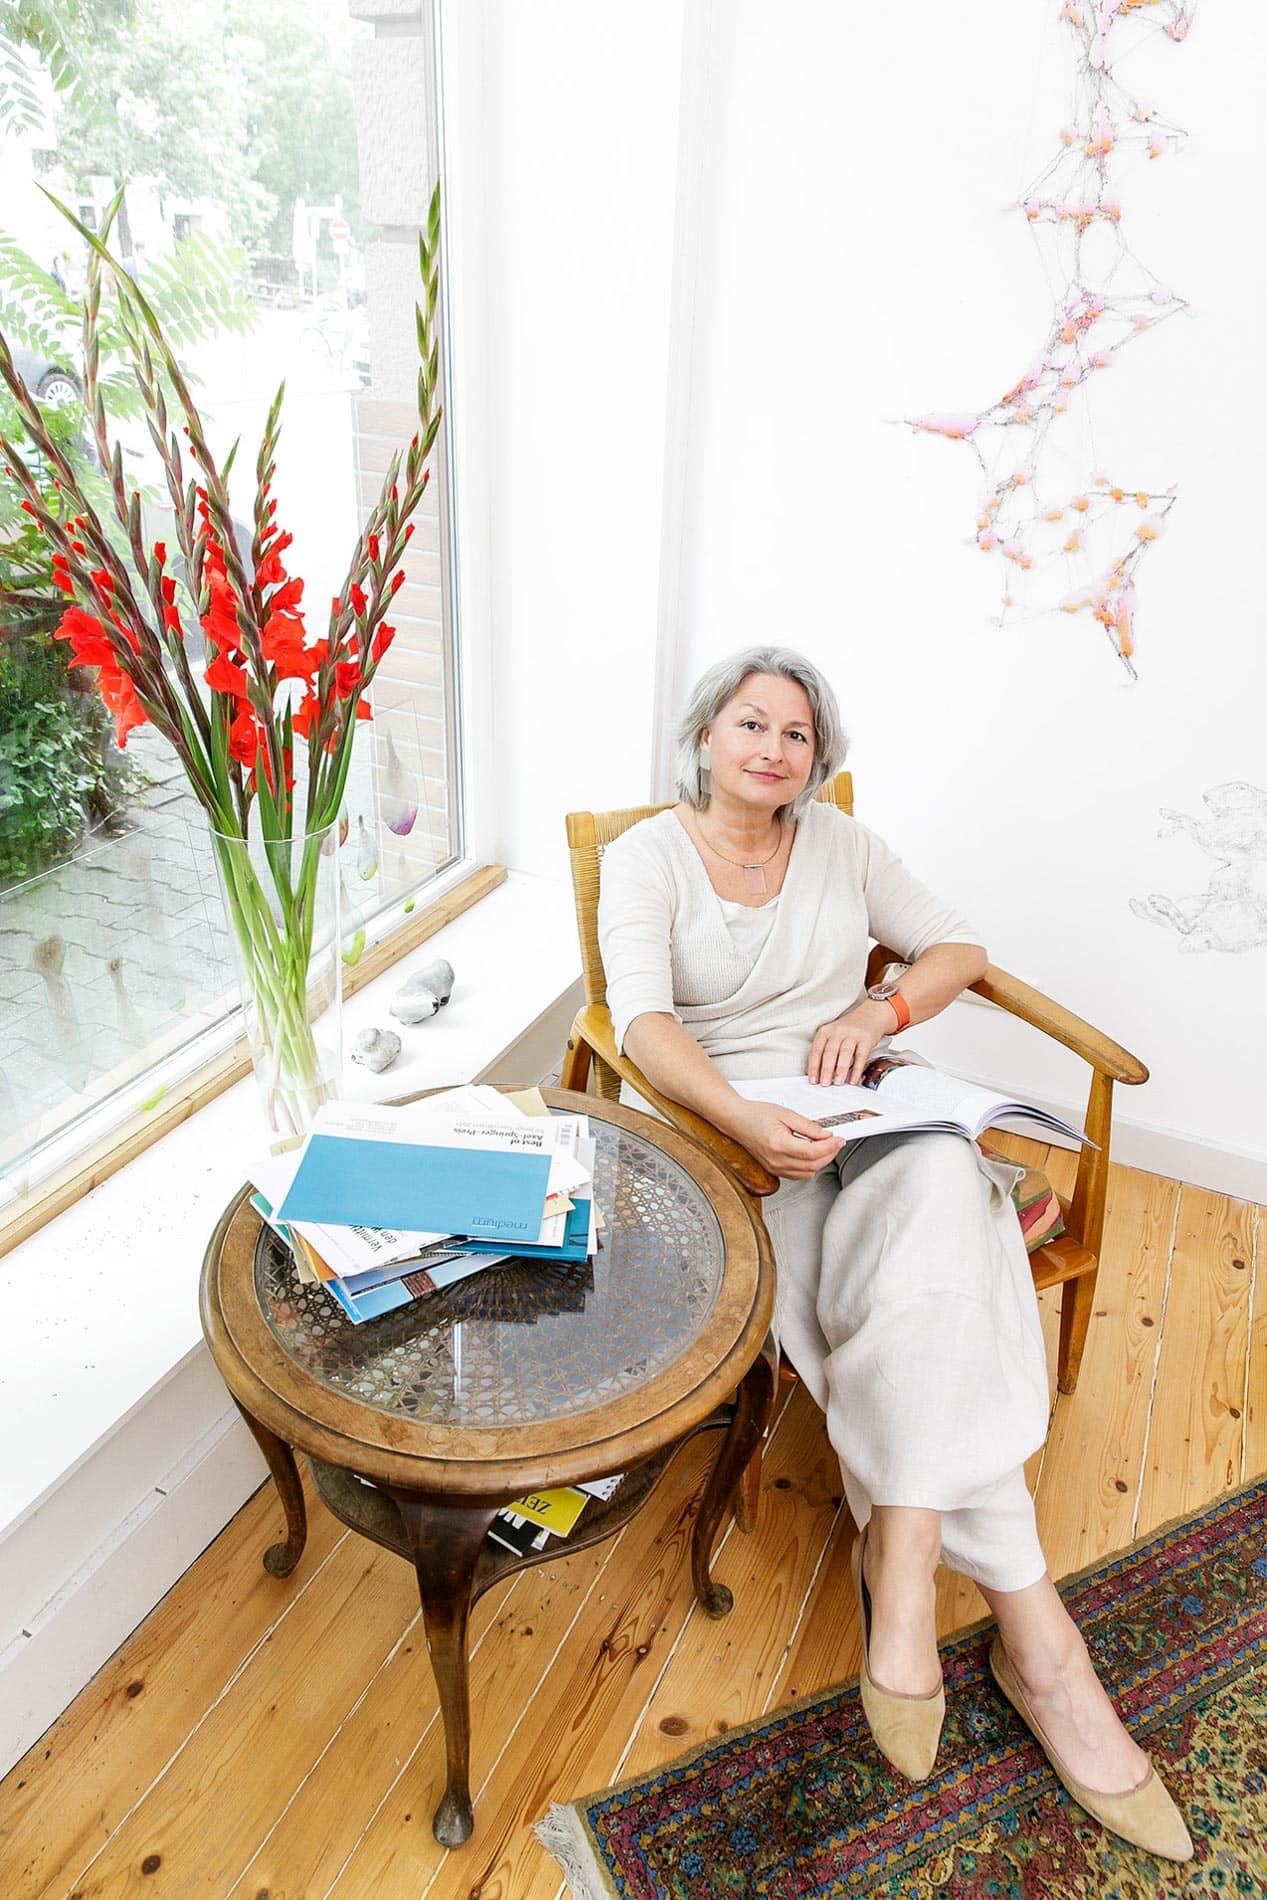 Portrait von Carmen Sorgler im Büro, sitzend am Tisch mit roten dekorativen Blumen im Fenster,Pressefrauen in Frankfurt